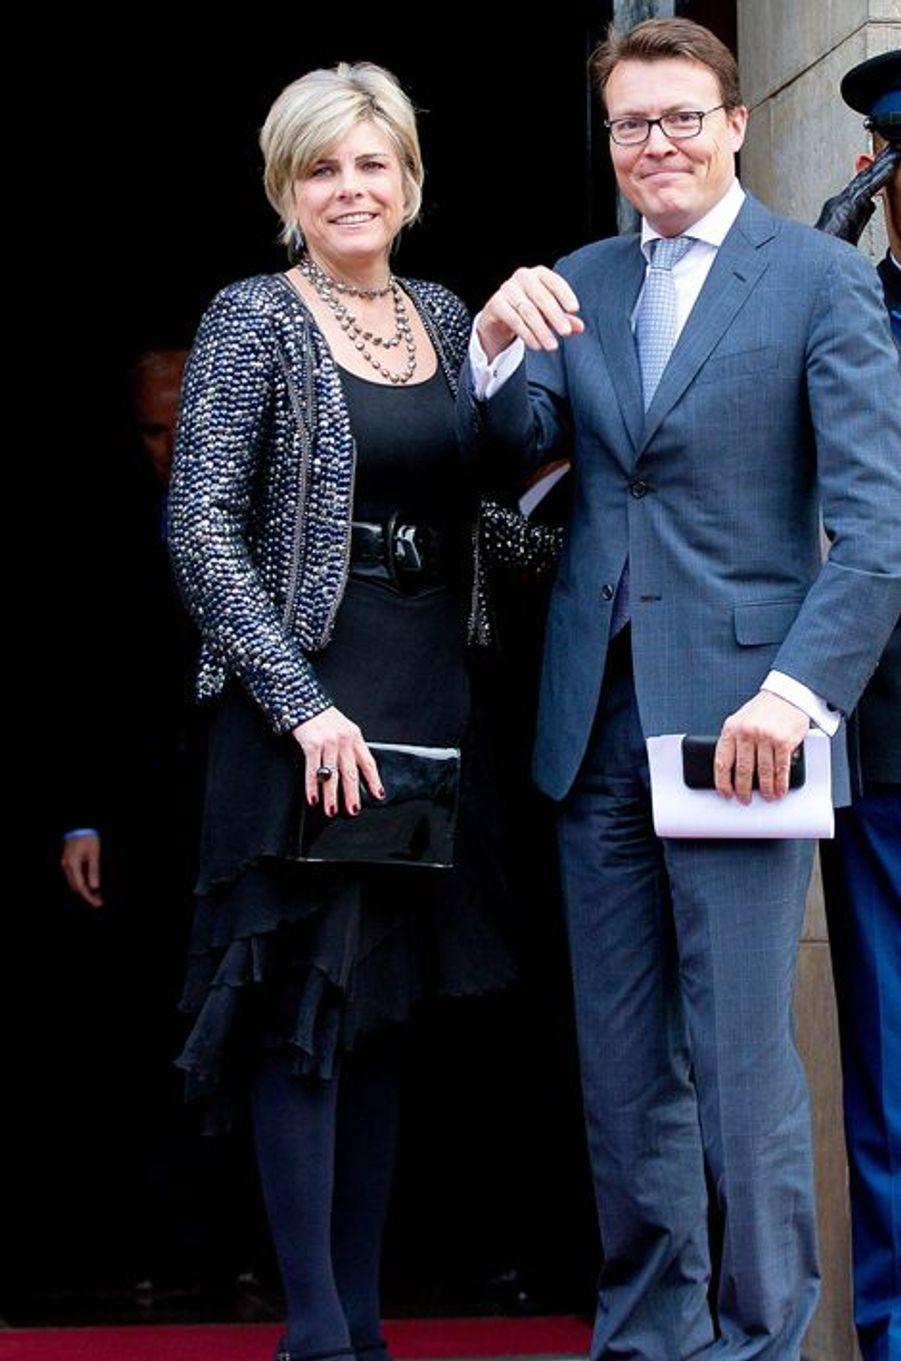 La princesse Laurentien et le prince Constantijn des Pays-Bas à Amsterdam, le 2 décembre 2015